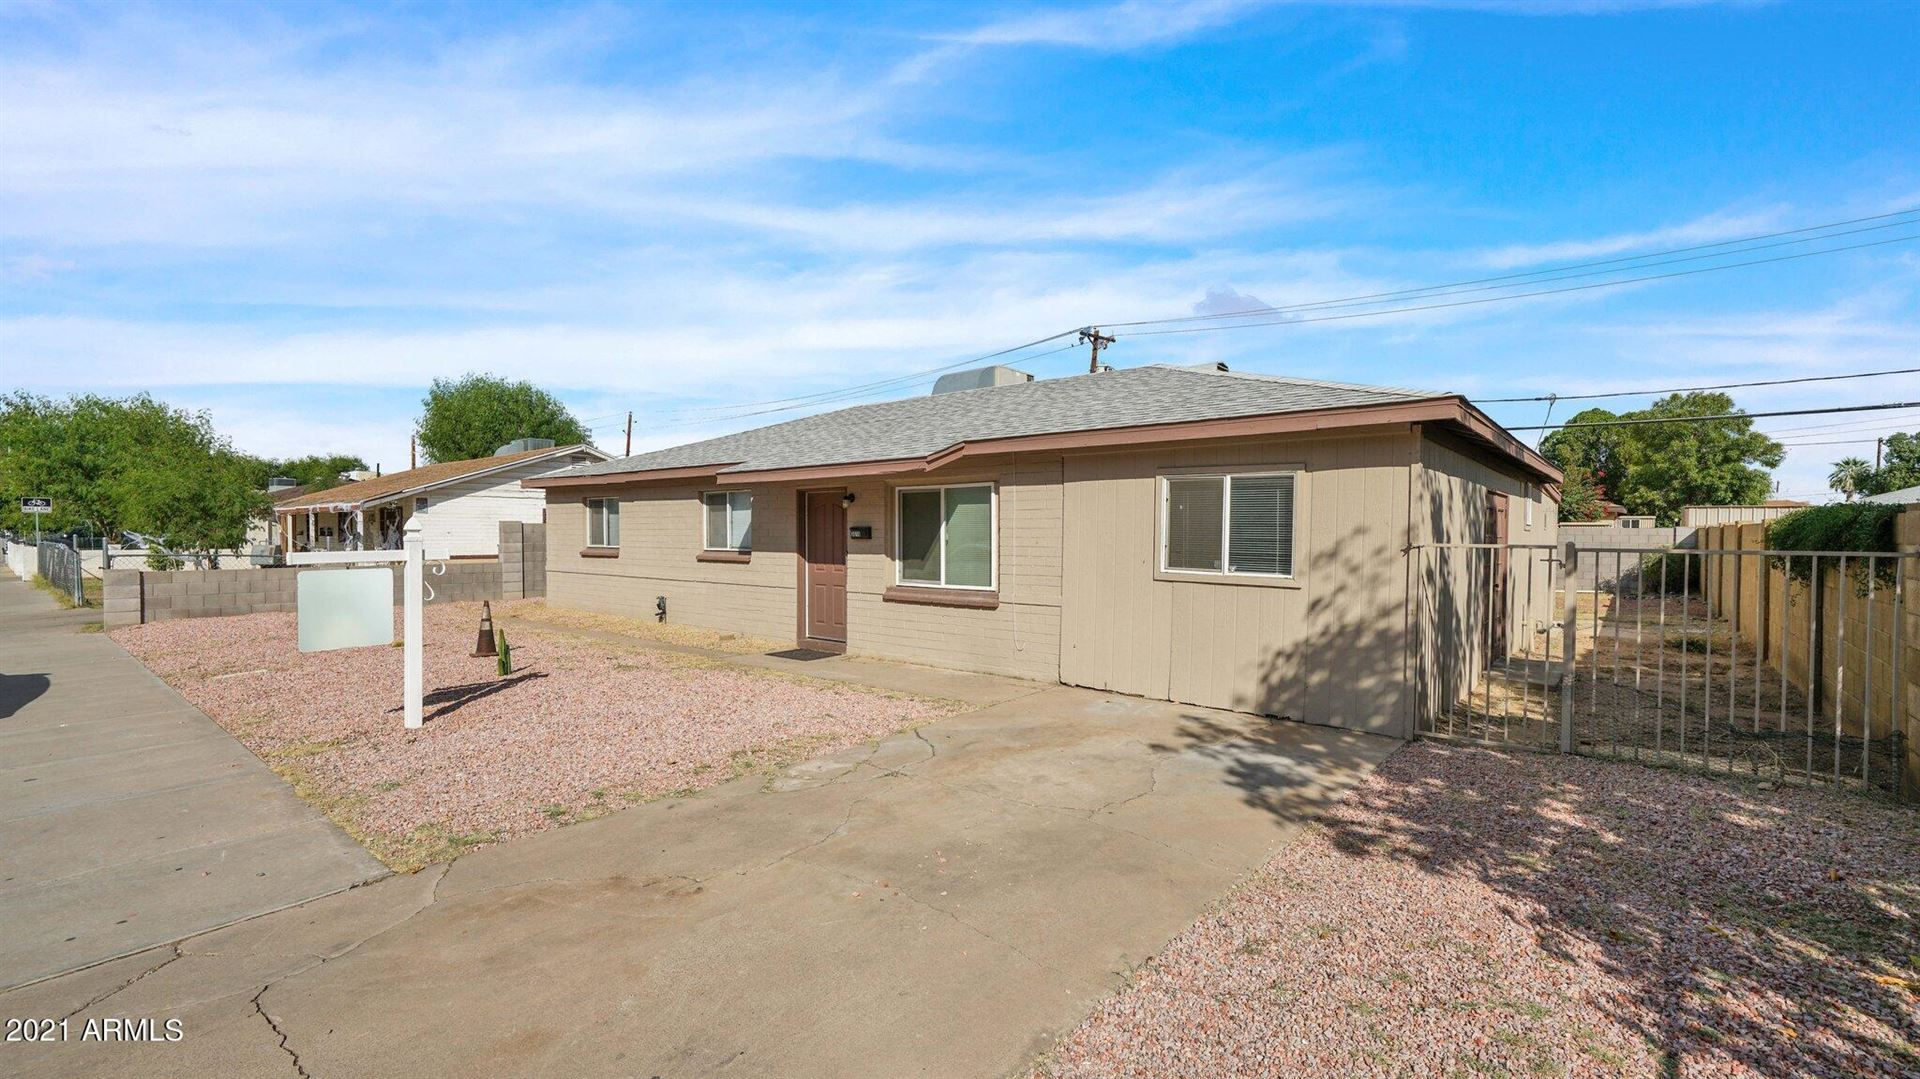 3010 W MISSOURI Avenue, Phoenix, AZ 85017 - MLS#: 6309805